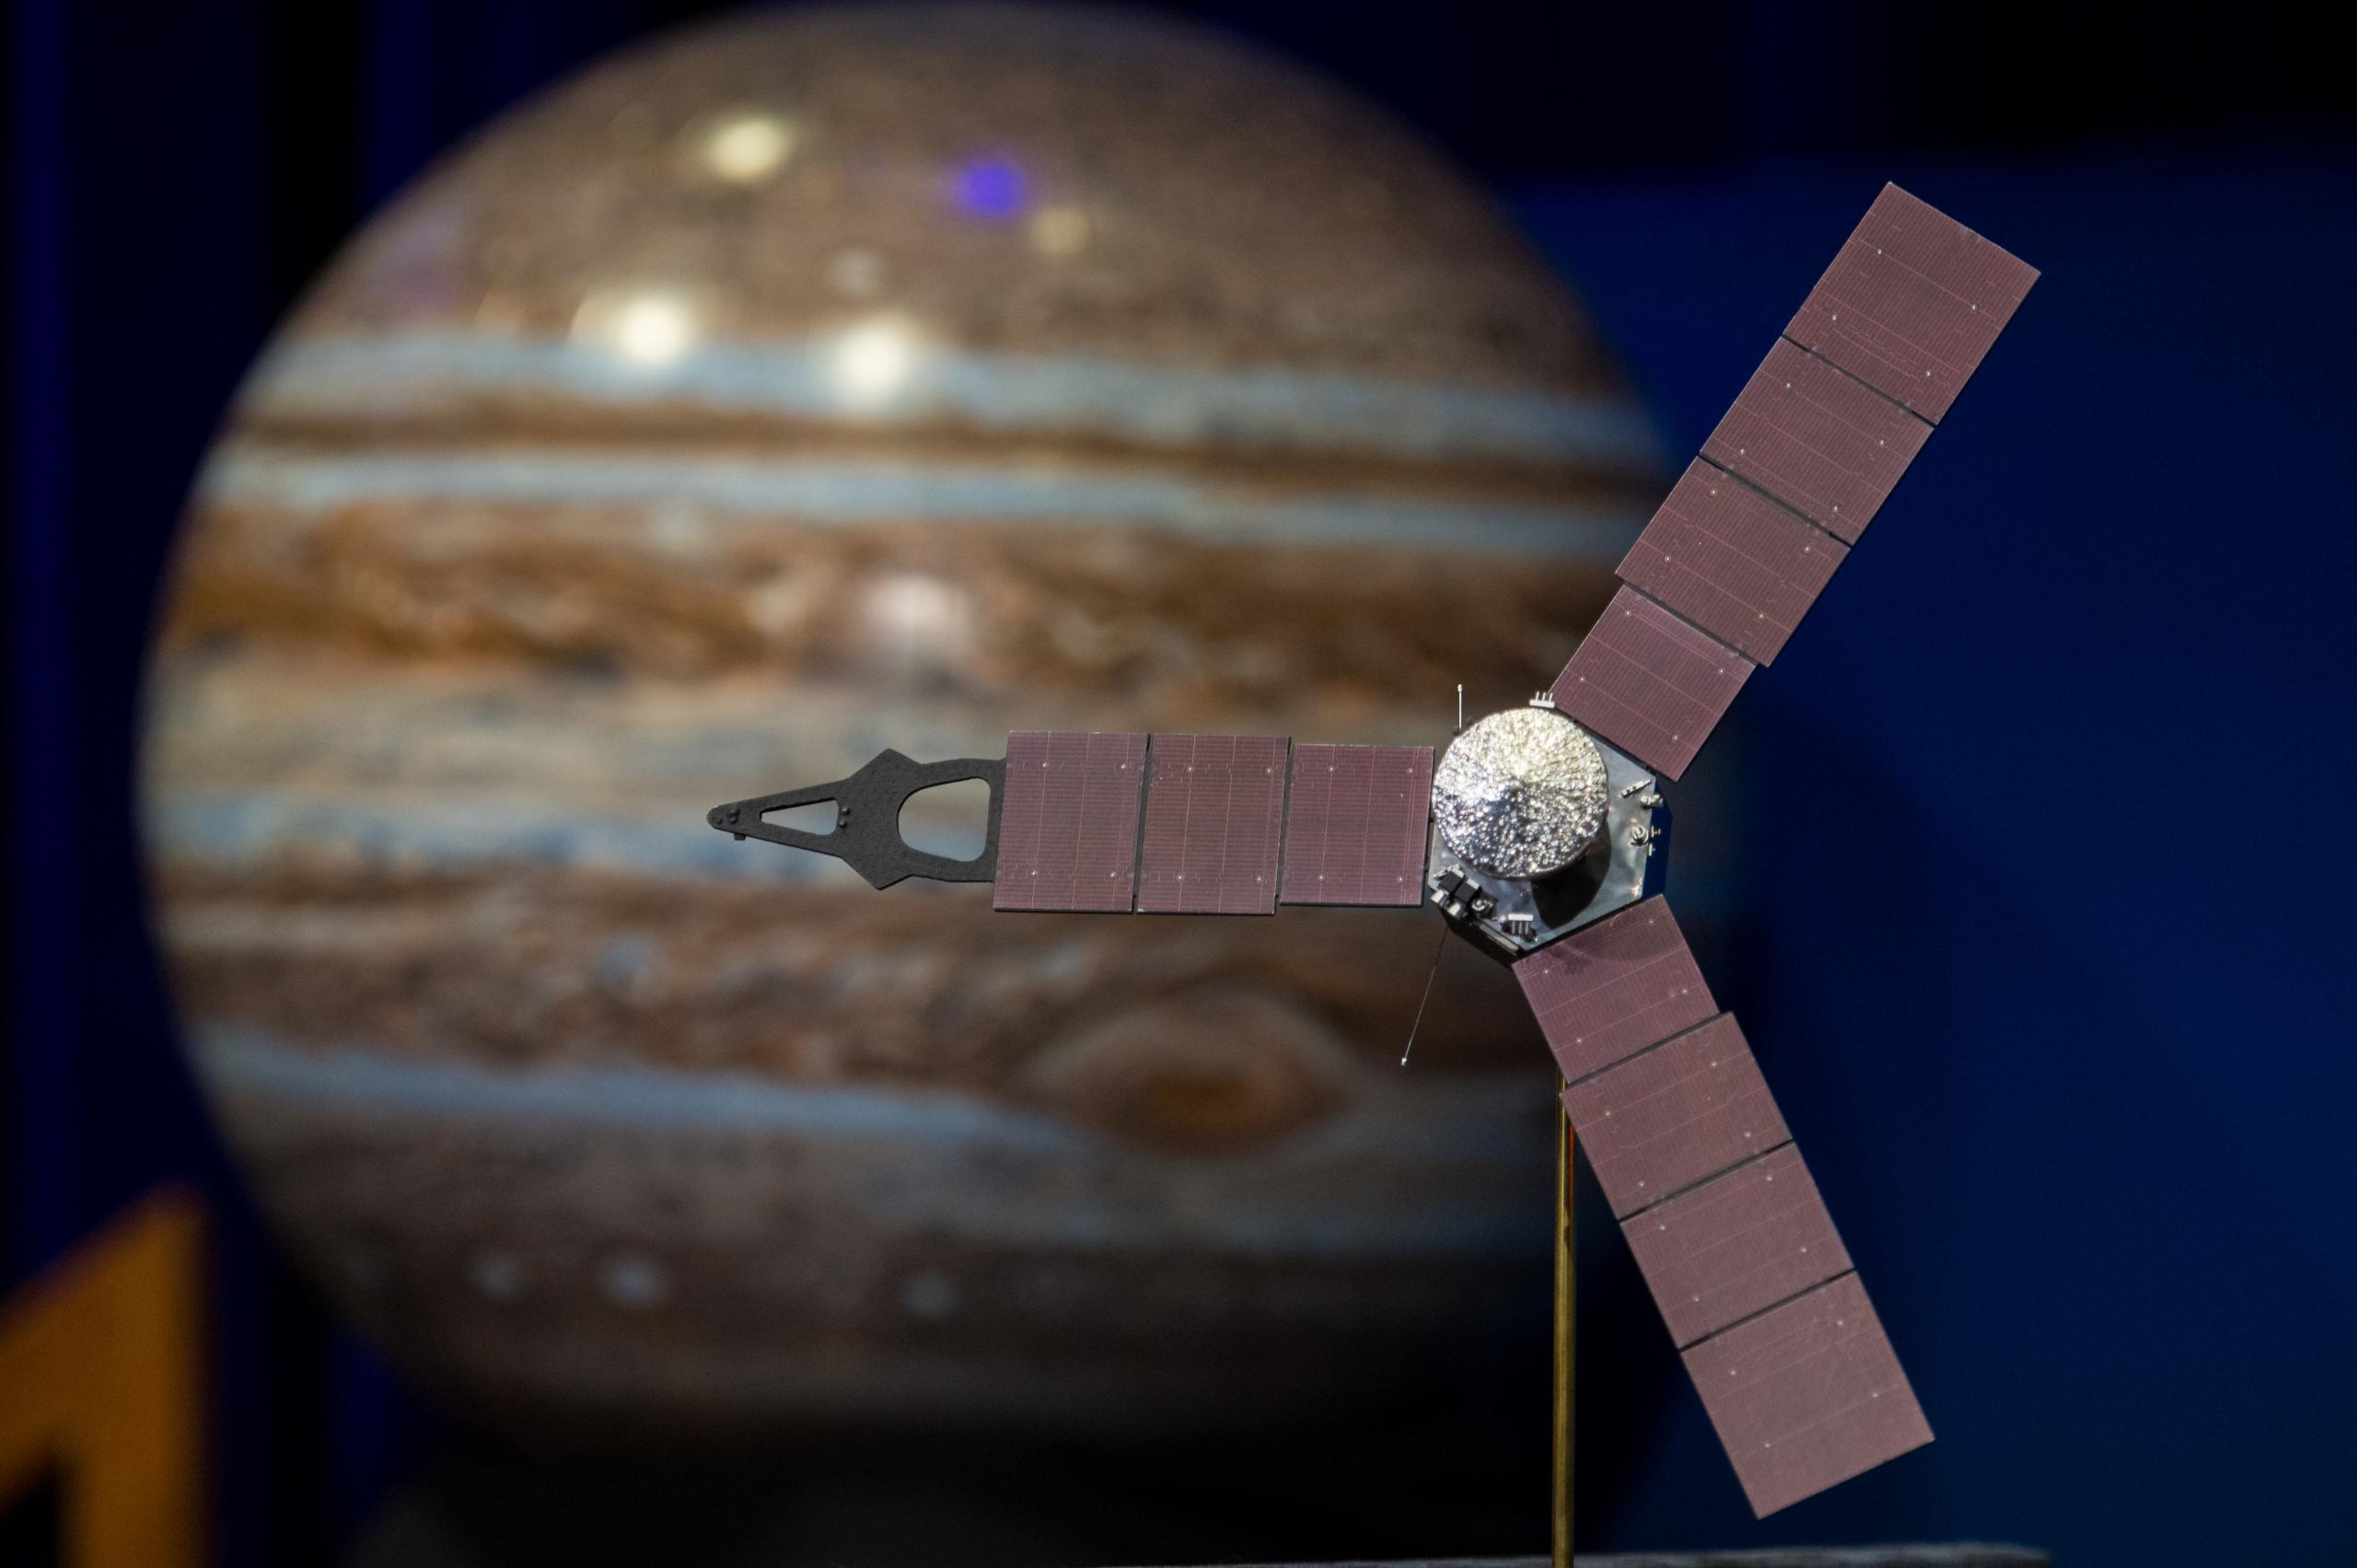 Μοντέλο του διαστημοπλοίου Juno